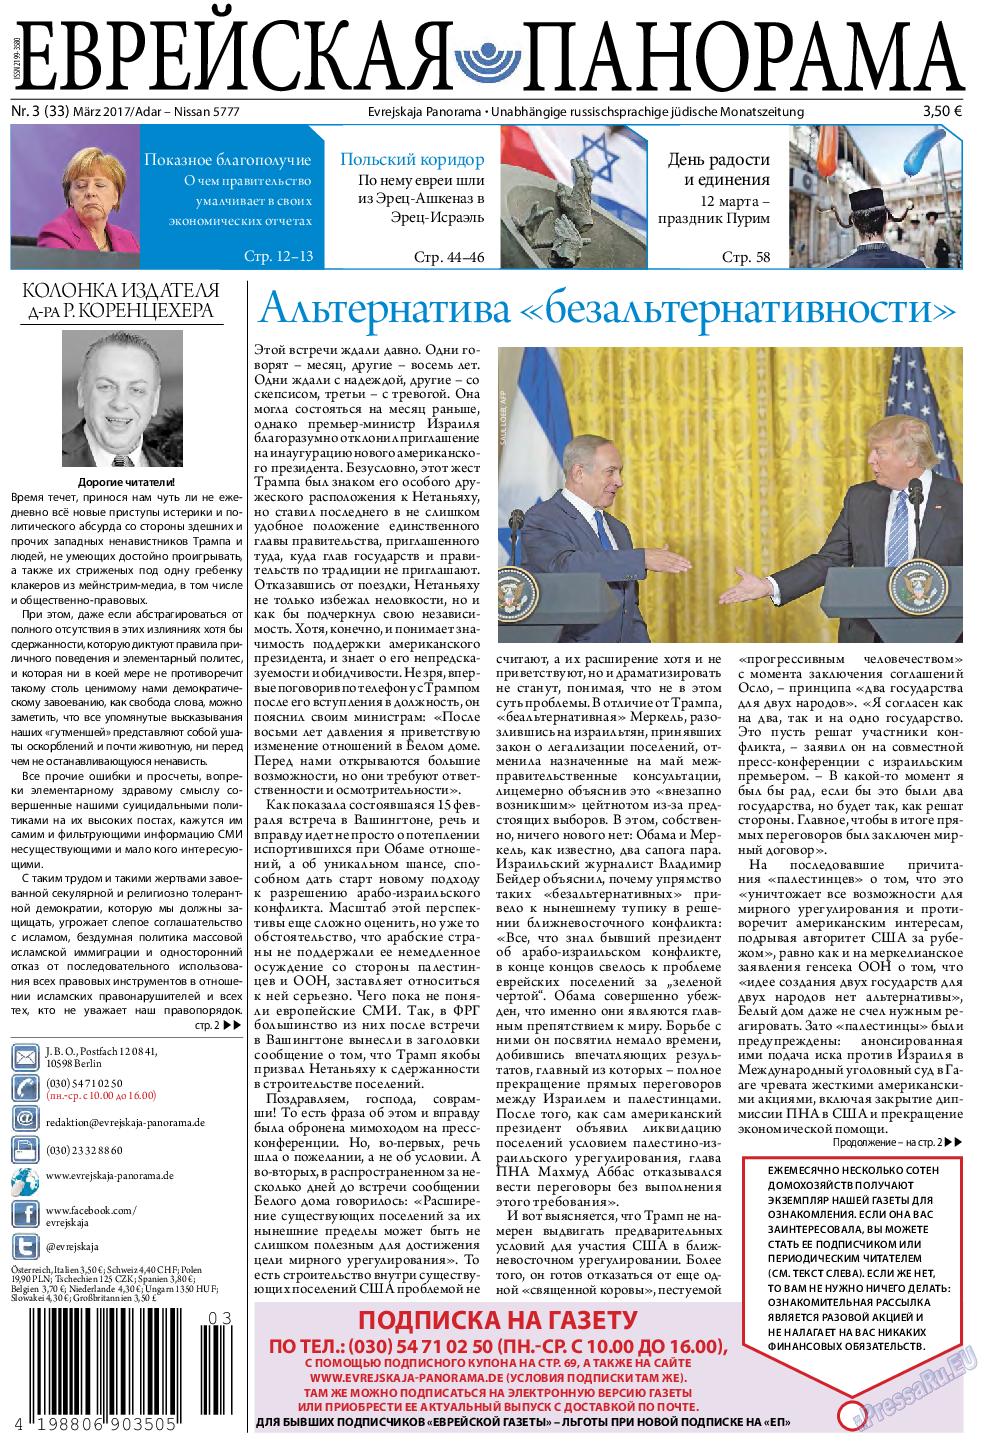 Еврейская панорама (газета). 2017 год, номер 3, стр. 1